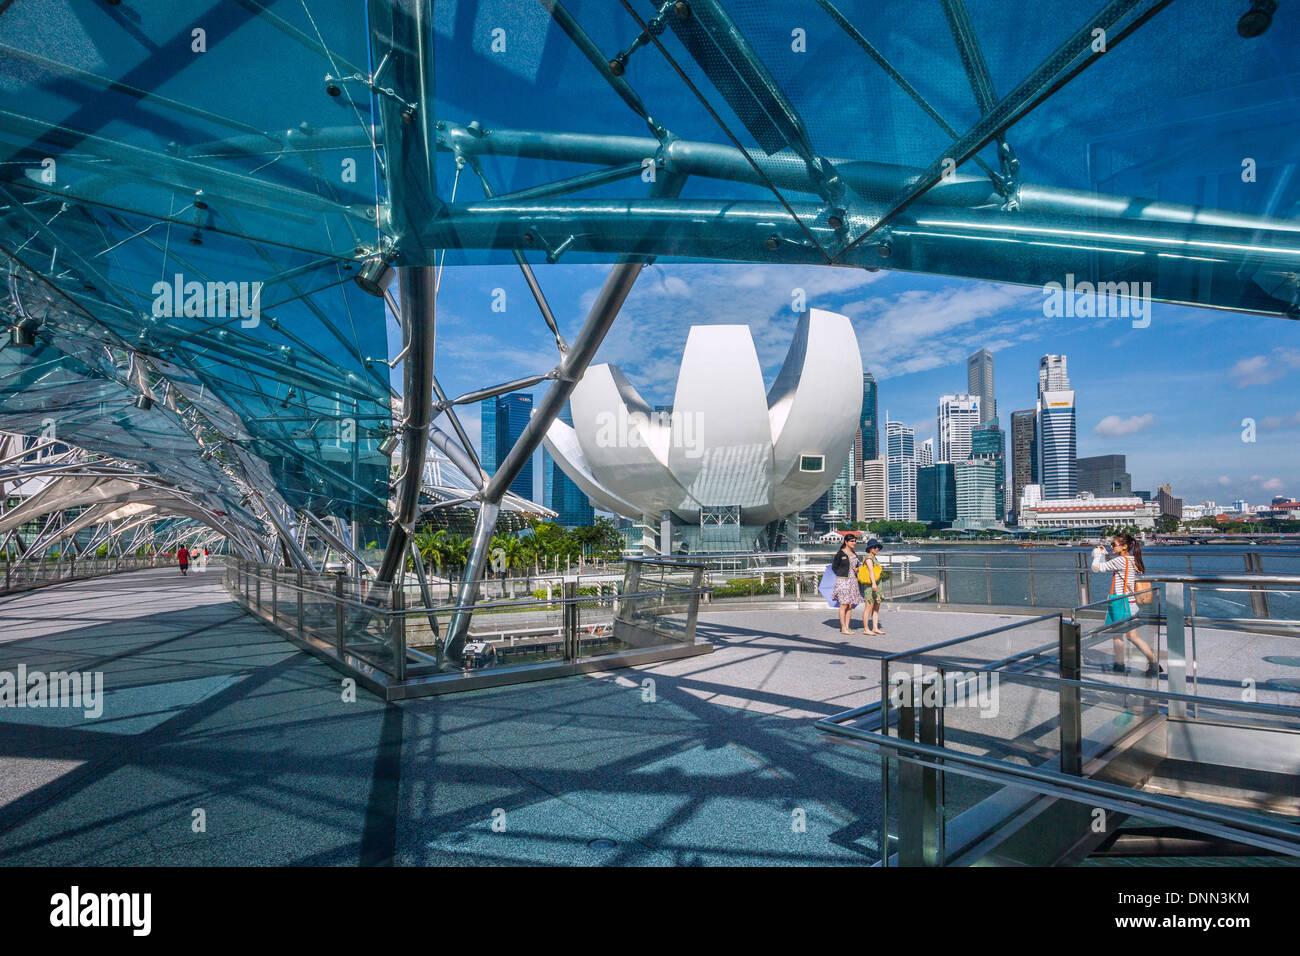 A Singapore, in vista dello stato della tecnica il Museo della Scienza e dello skyline di Singapore e Marina Bay da Helix Bridge Immagini Stock